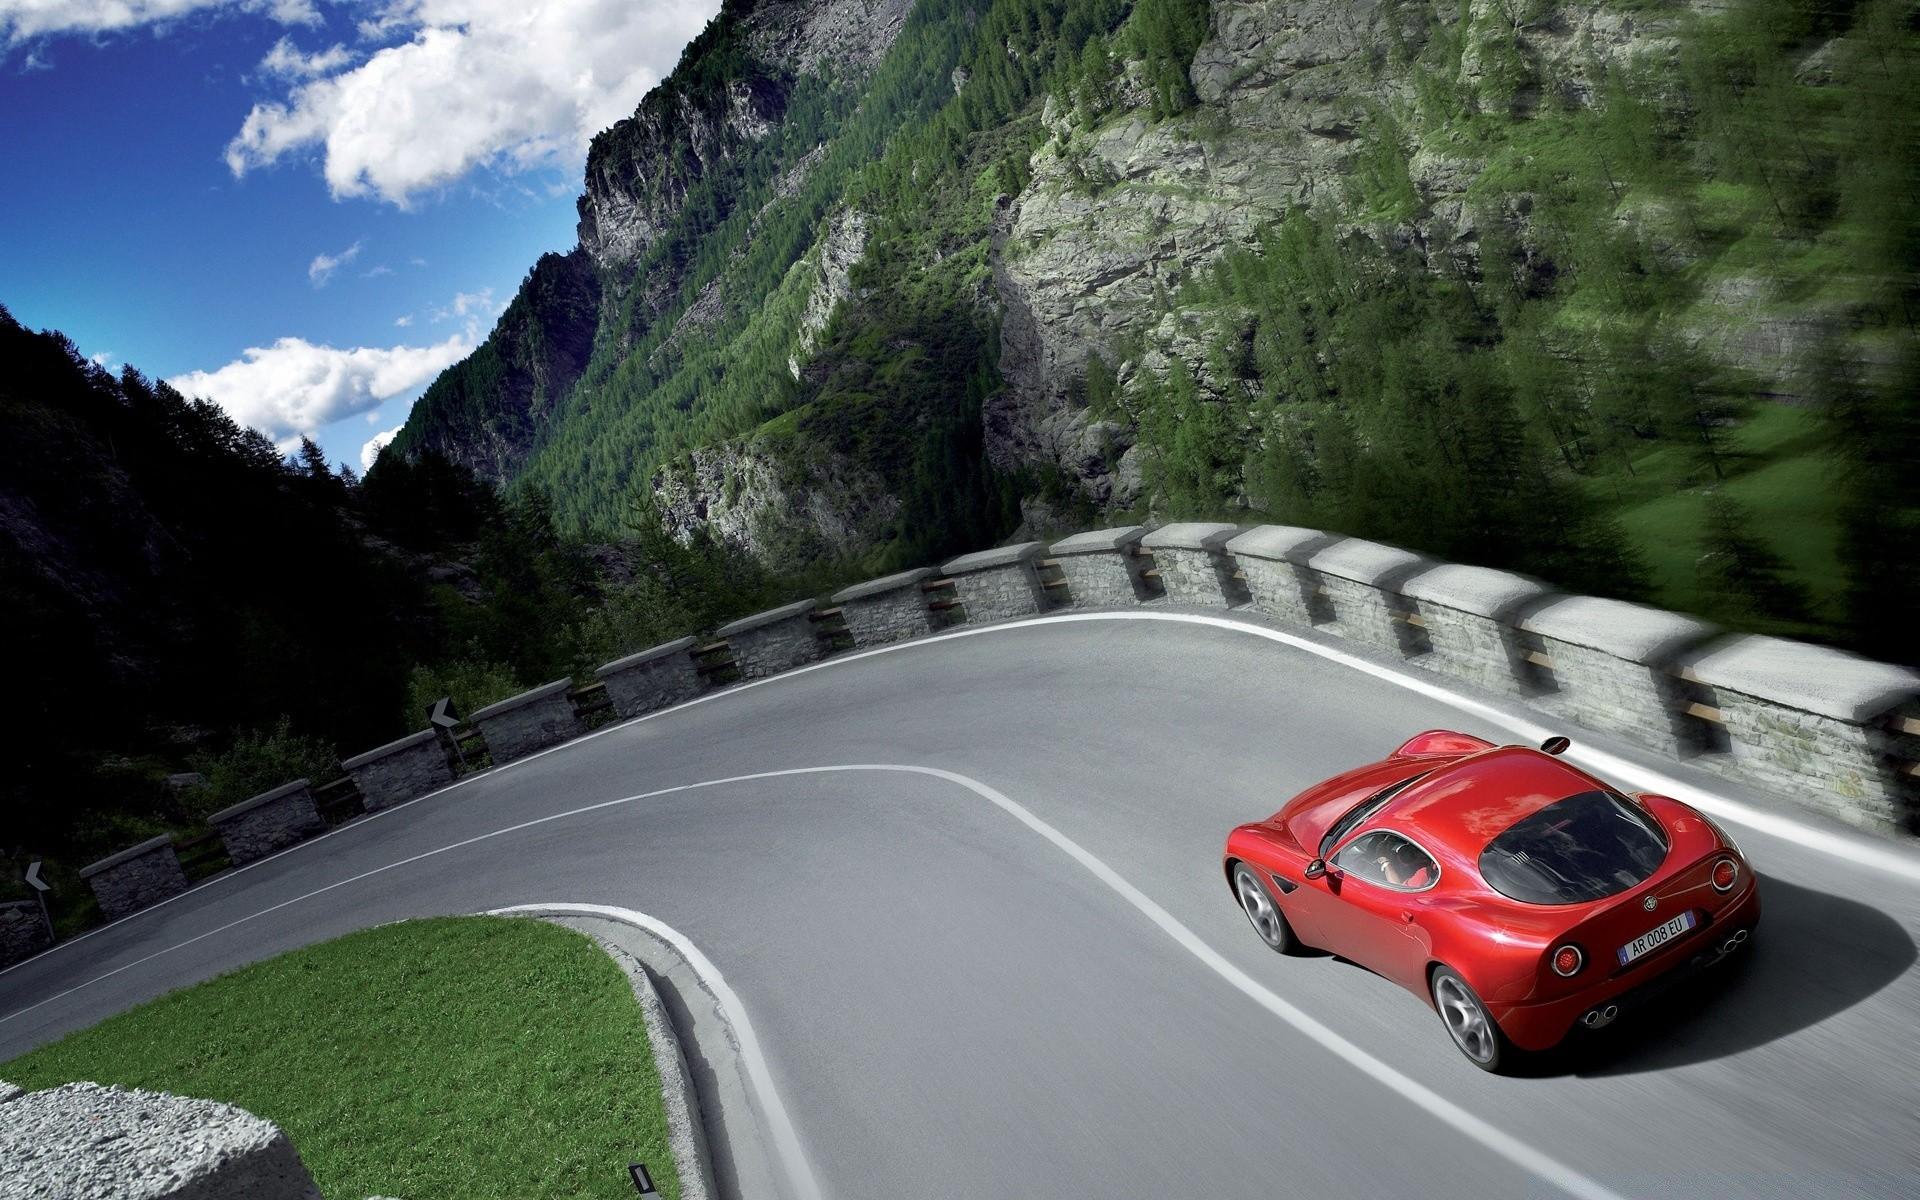 автомобиль на дороге картинка для кадильные